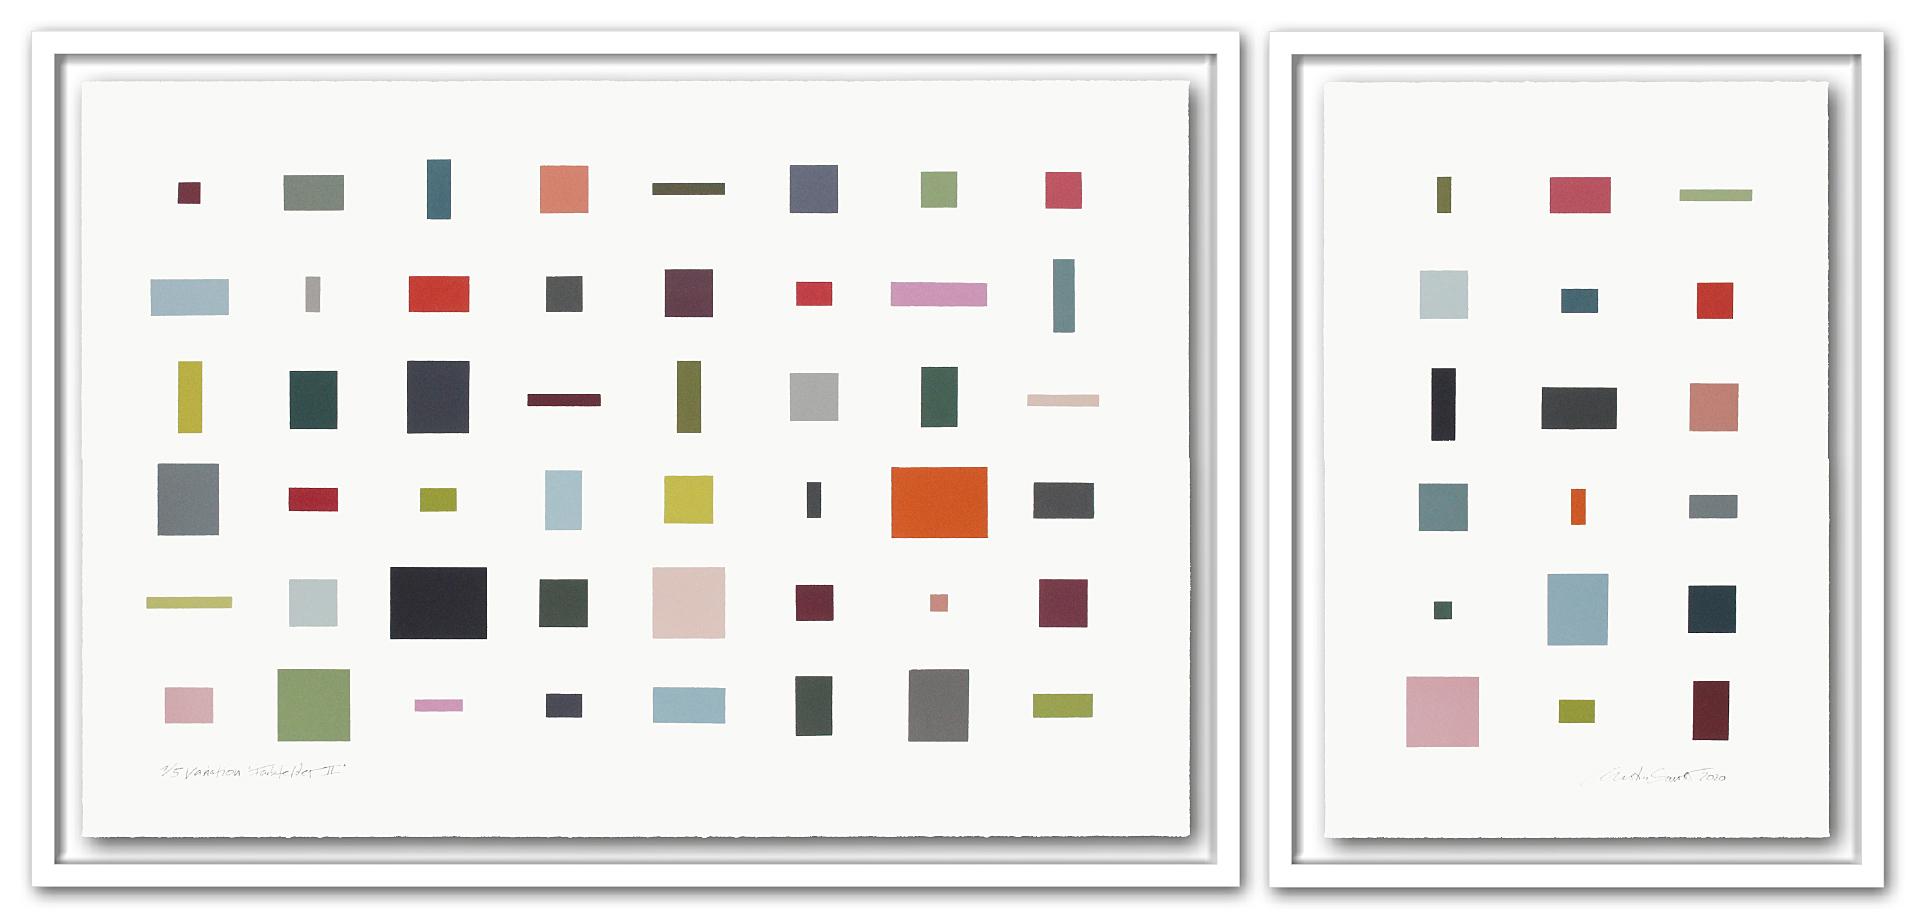 1/5 VARIATION FARBFELDER || | Auflage 5 [Variation] | 2-teilig | Monotypie | 73 x 157 cm [gerahmt] | 2020